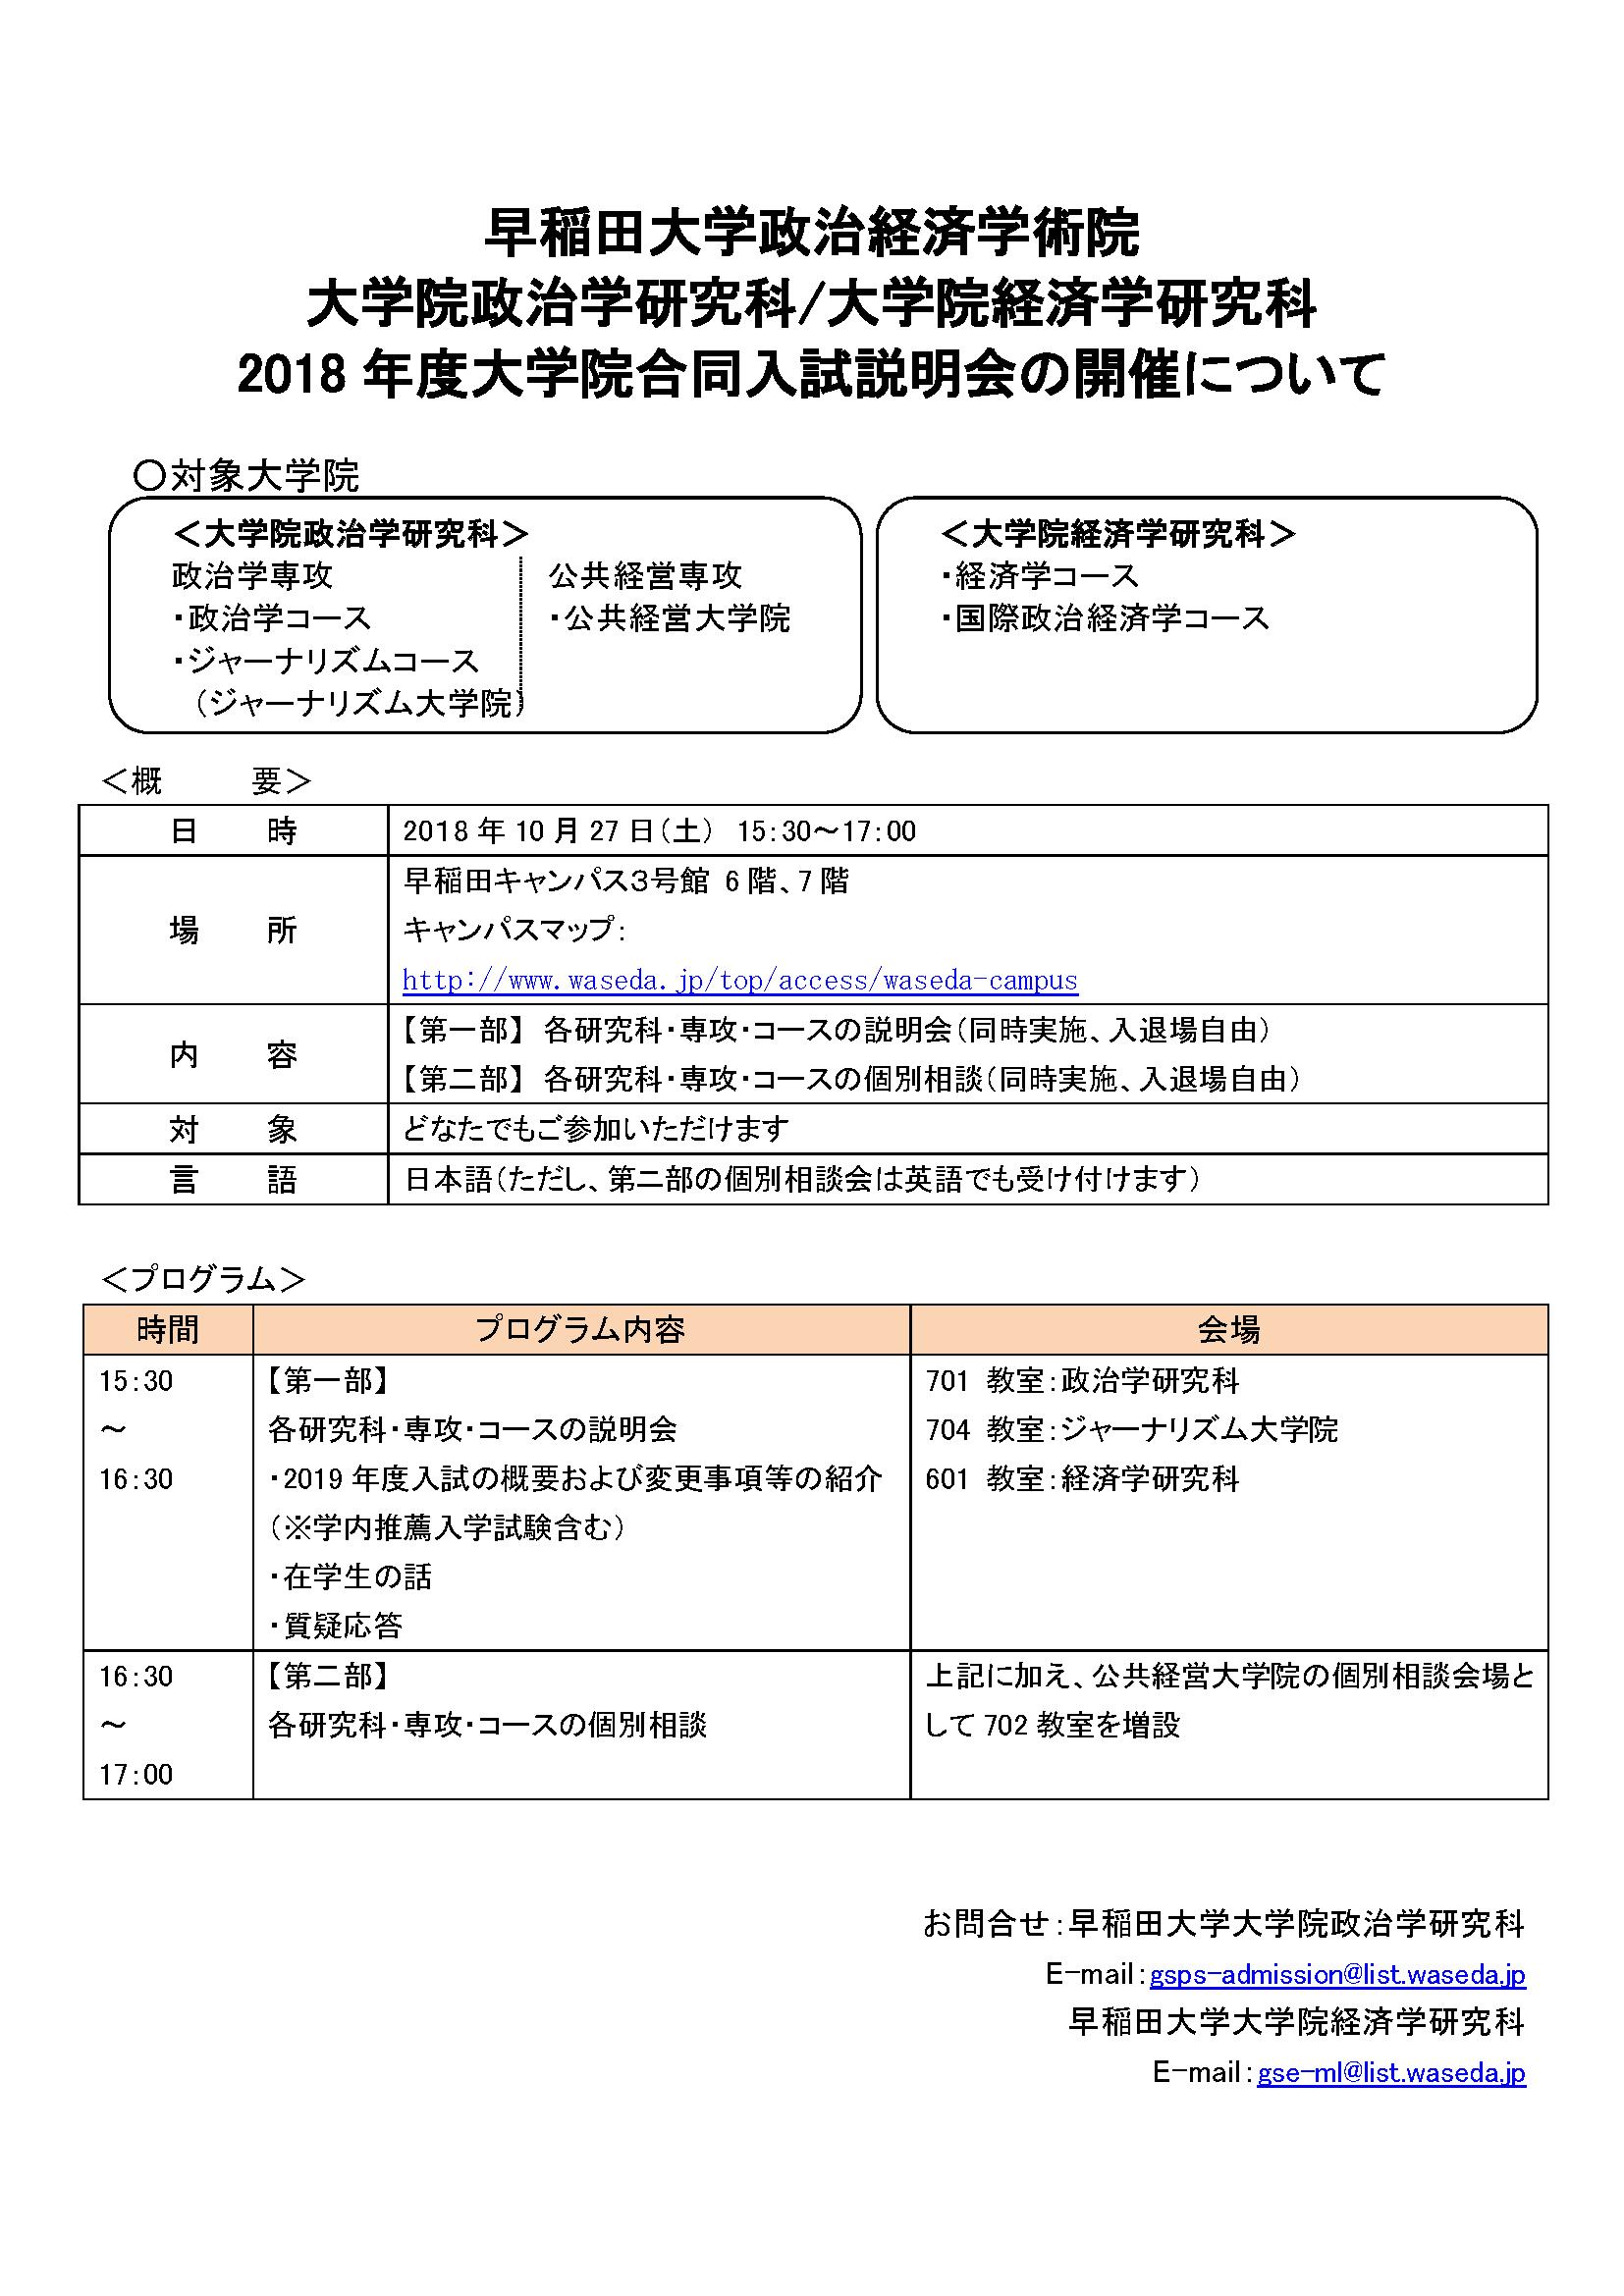 早稲田大学ジャーナリズム大学院(政治学研究科ジャーナリズムコース)の入試説明会を2018年10月27日(土)15時30分から開催します